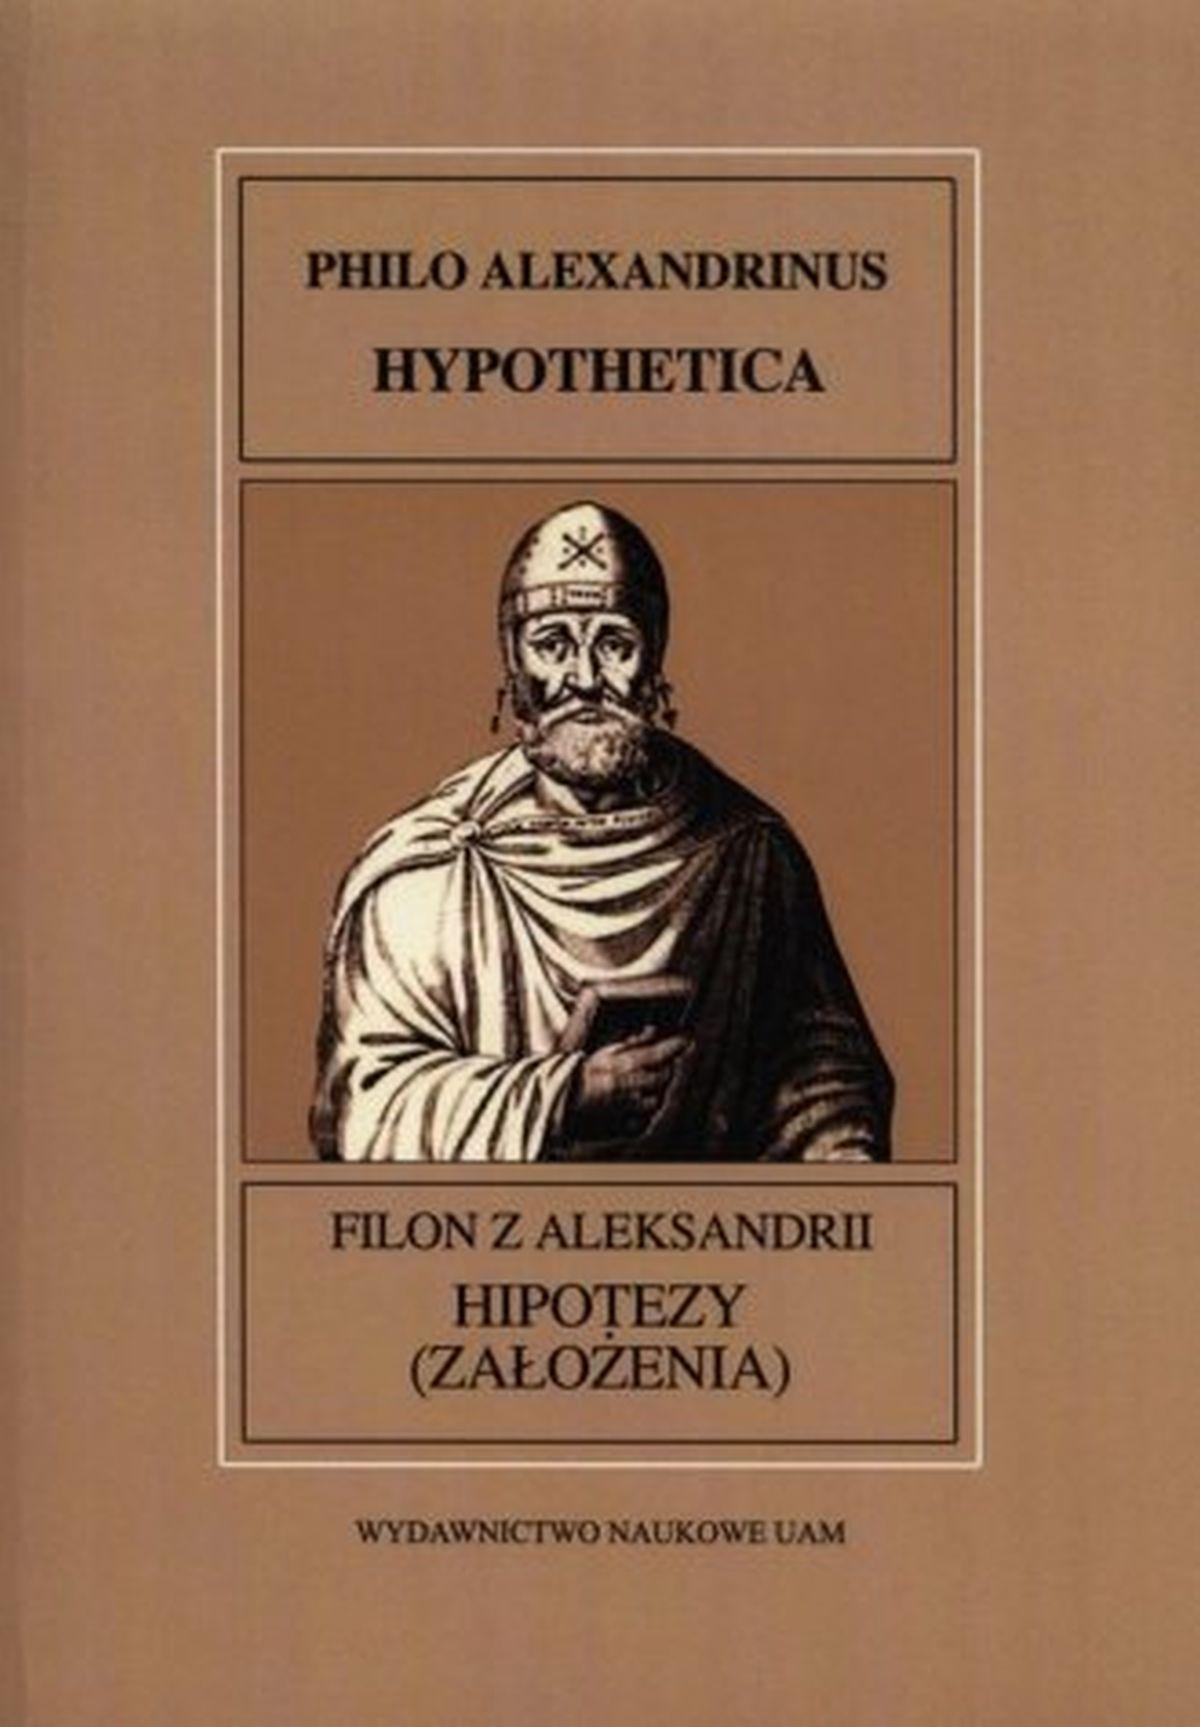 Filon z Aleksandrii. Hipotezy (Założenia). Fontes Historiae Antiquae XXIX